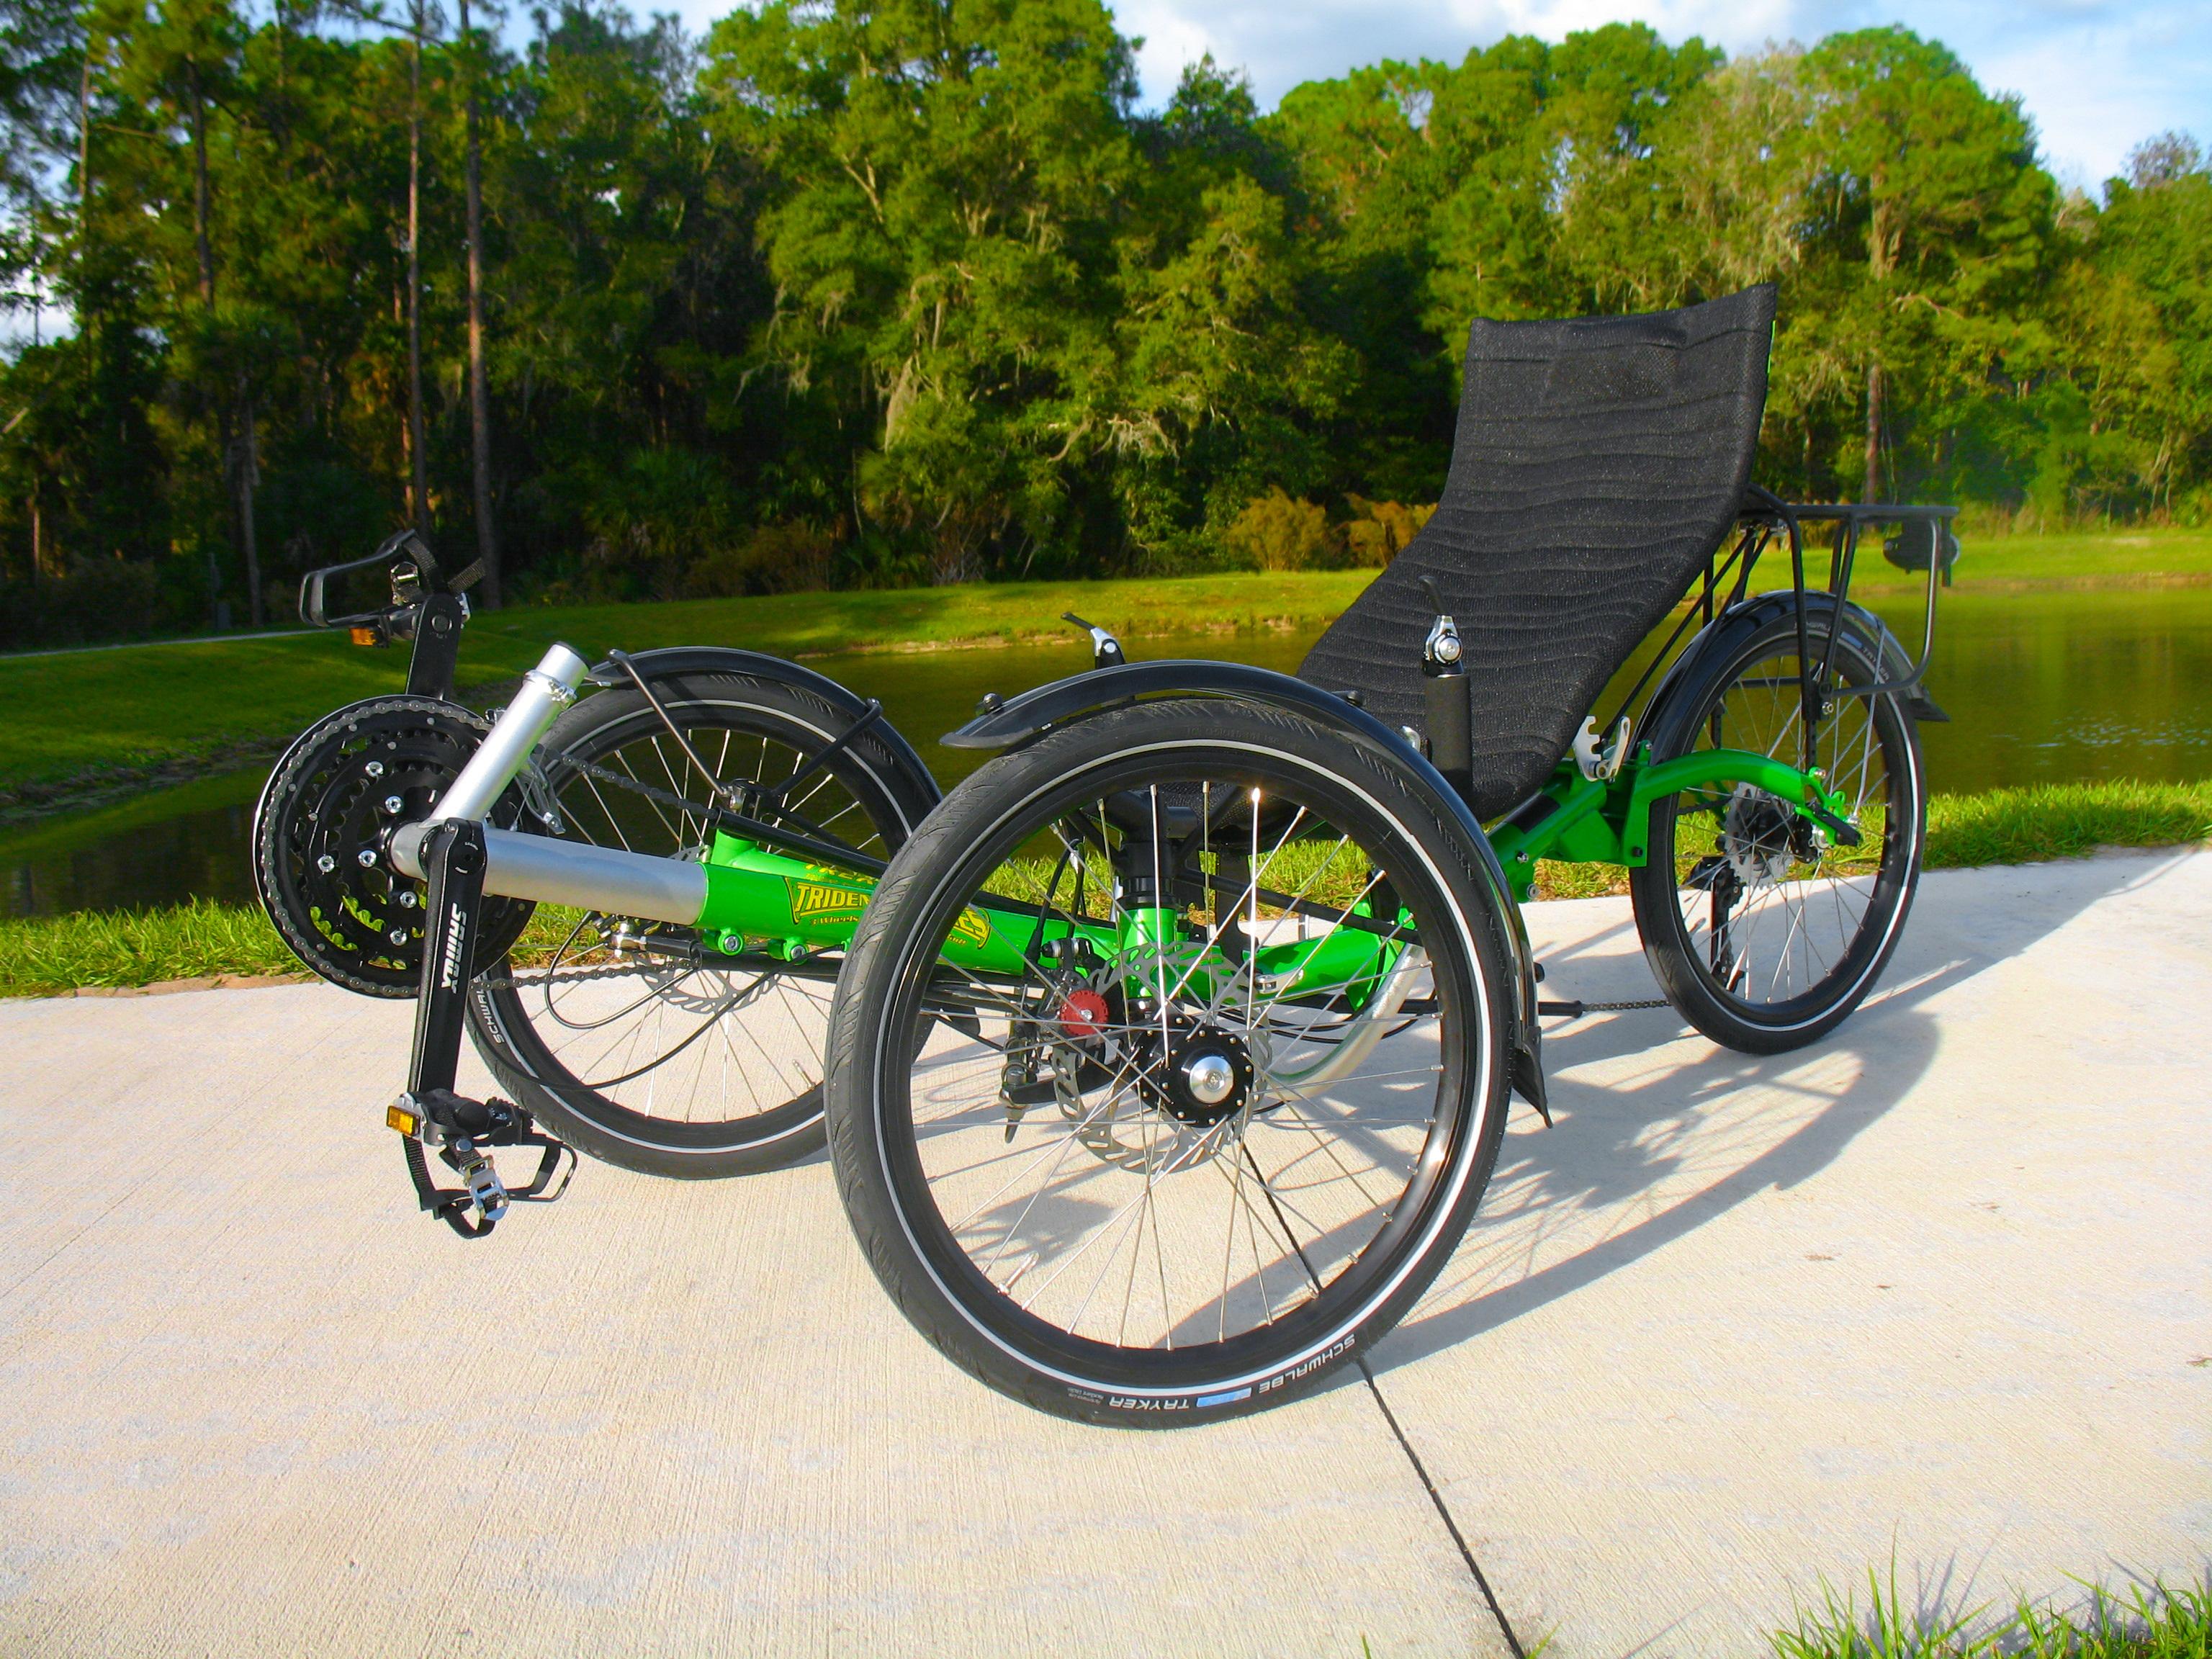 Trekker 20 inch wheel